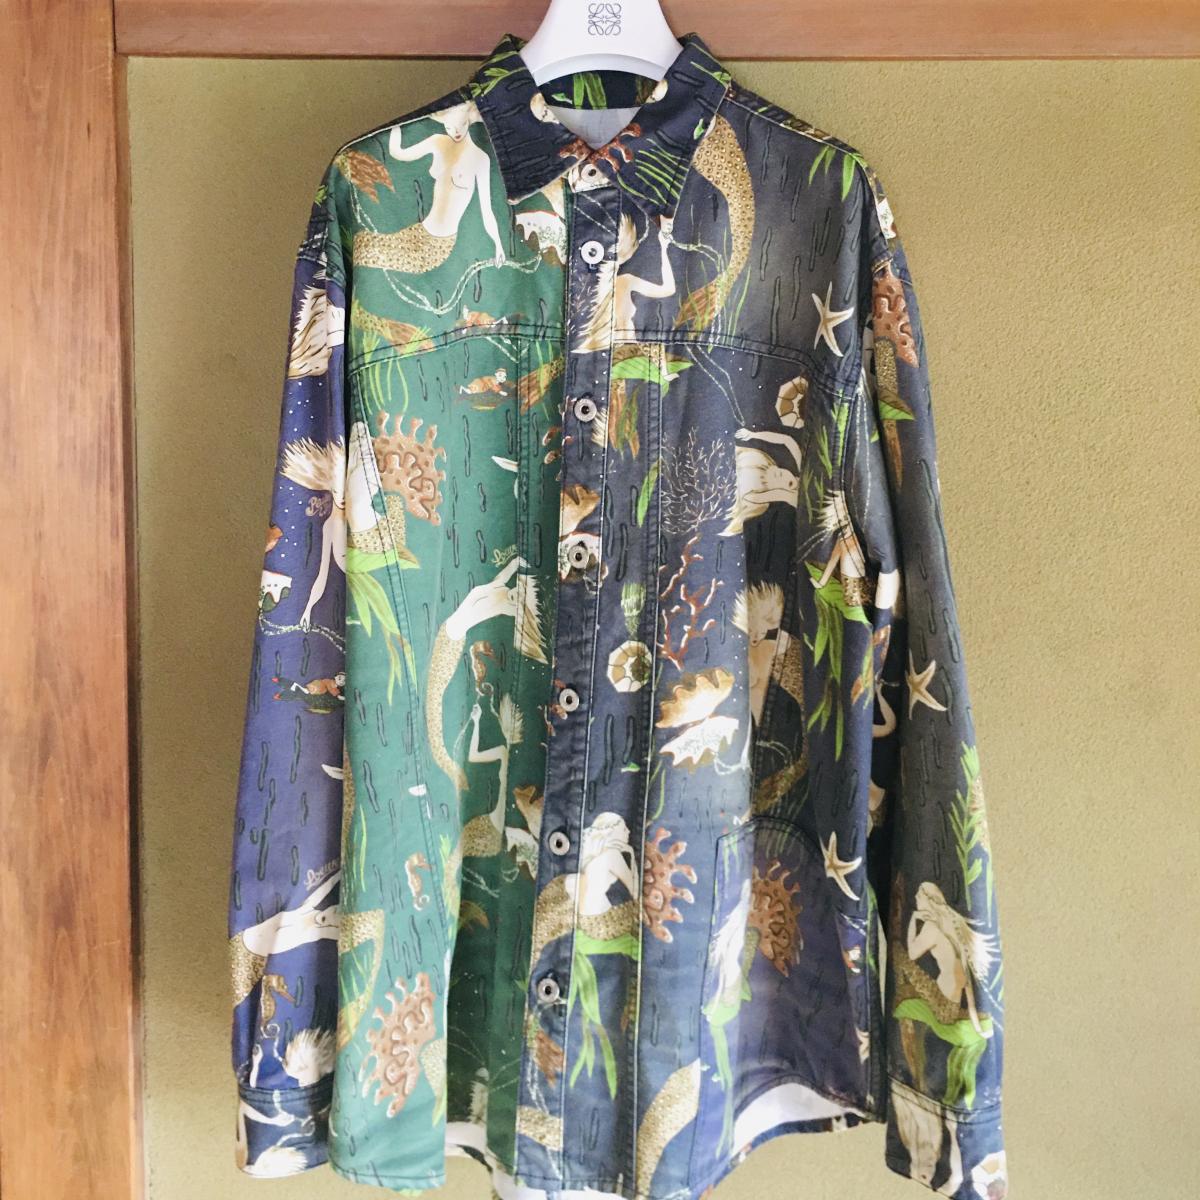 夏休みを彩る衣装は、ロエベのパウラズイビザコレクションより。